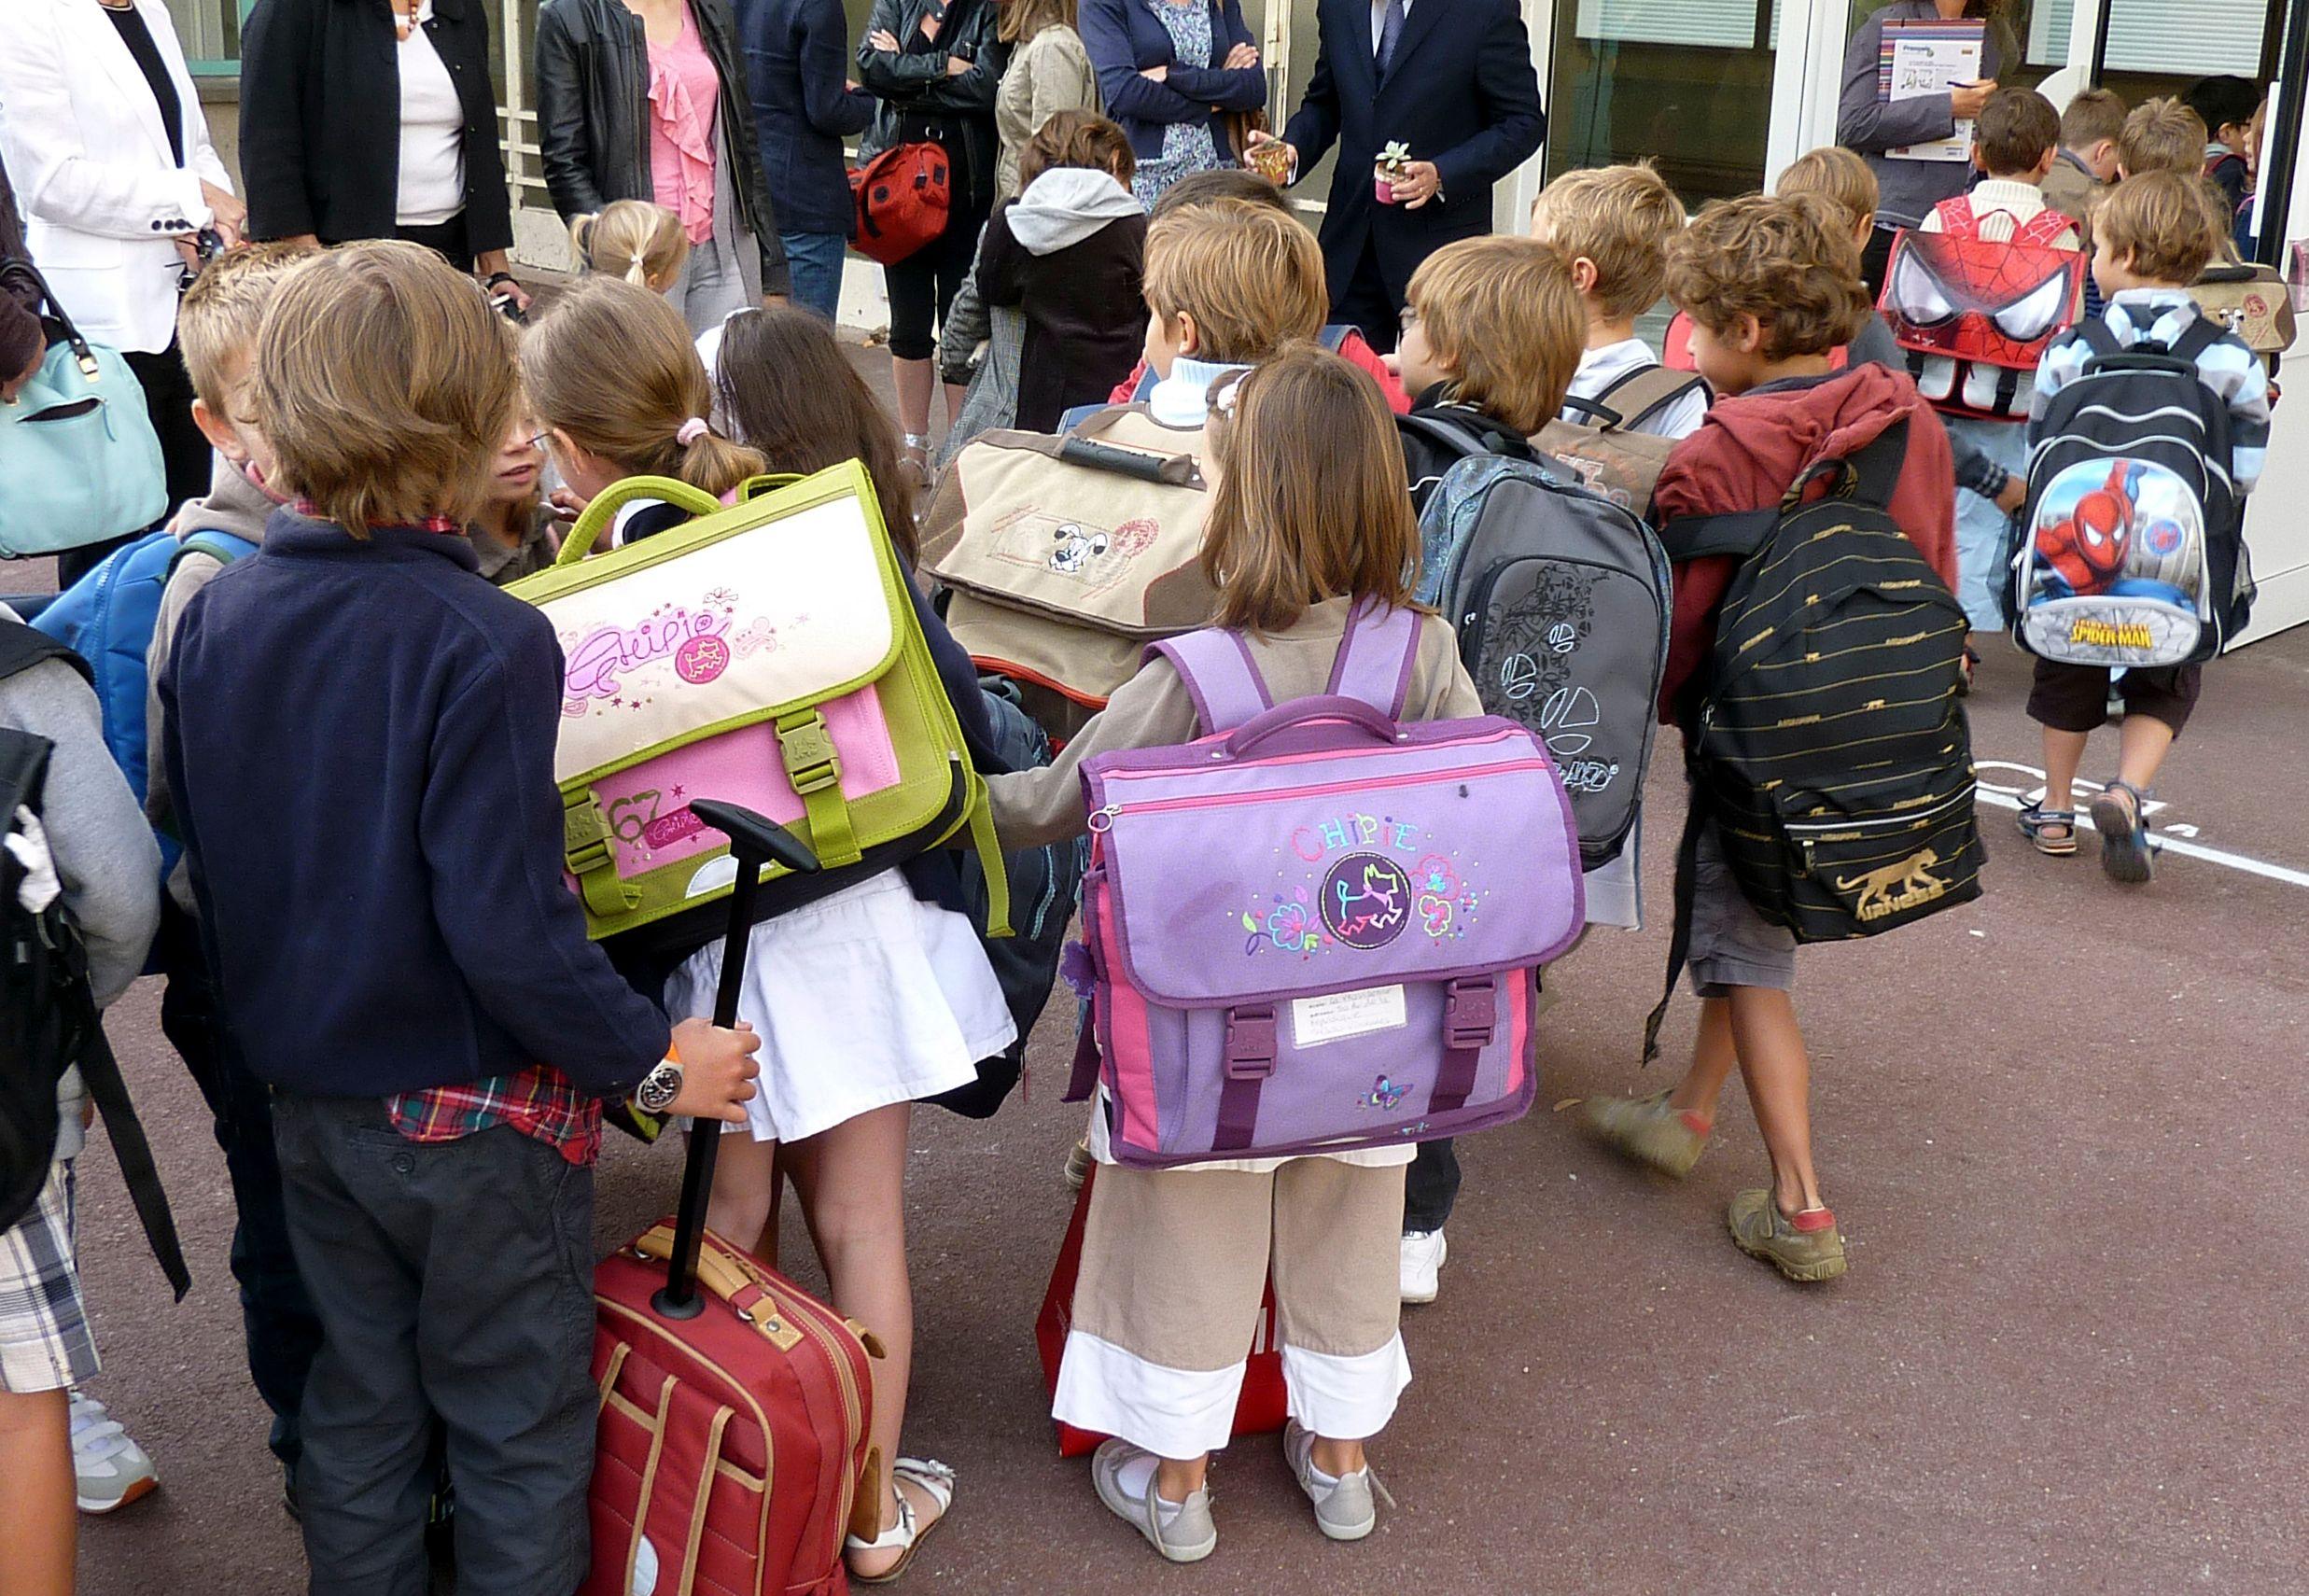 La France doit-elle s'inspirer du système d'éducation allemand ?